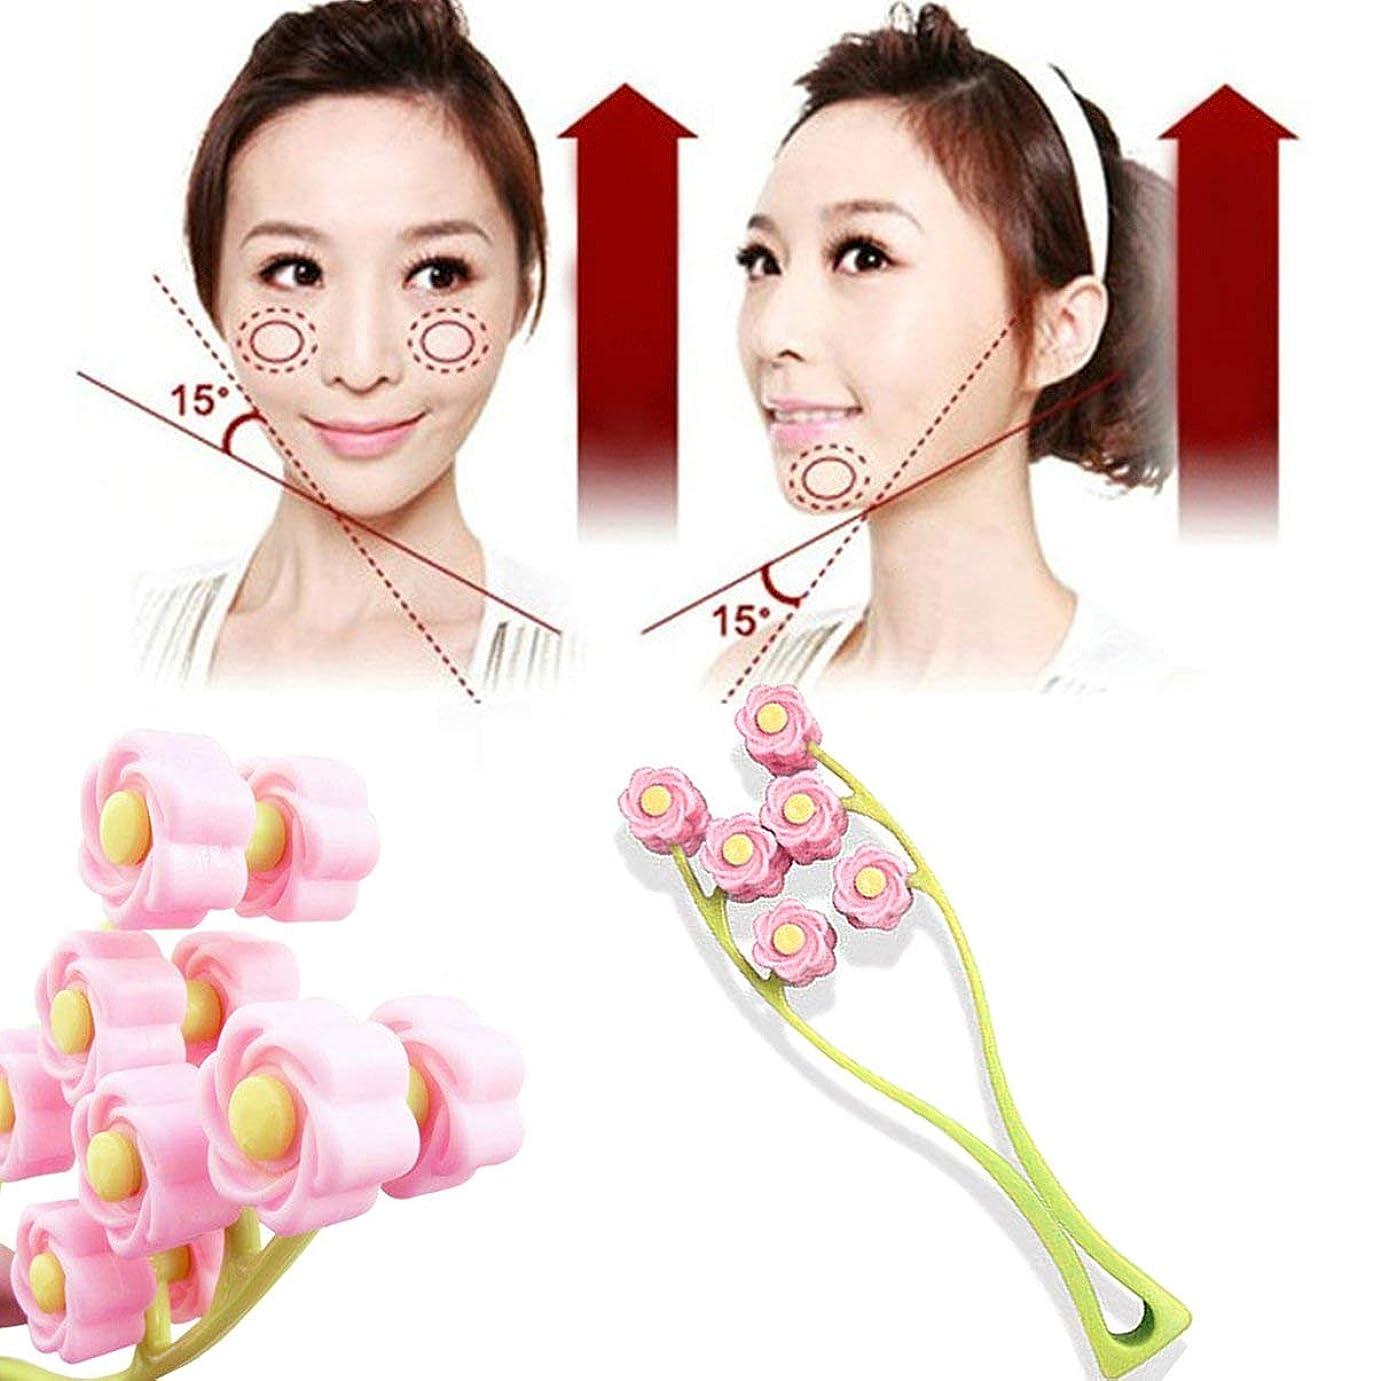 やさしく子スラックElegant Flower Shape Portable Facial Massager Roller Anti-Wrinkle Face Lifter Slimming Face Shaper Relaxation Beauty Tools